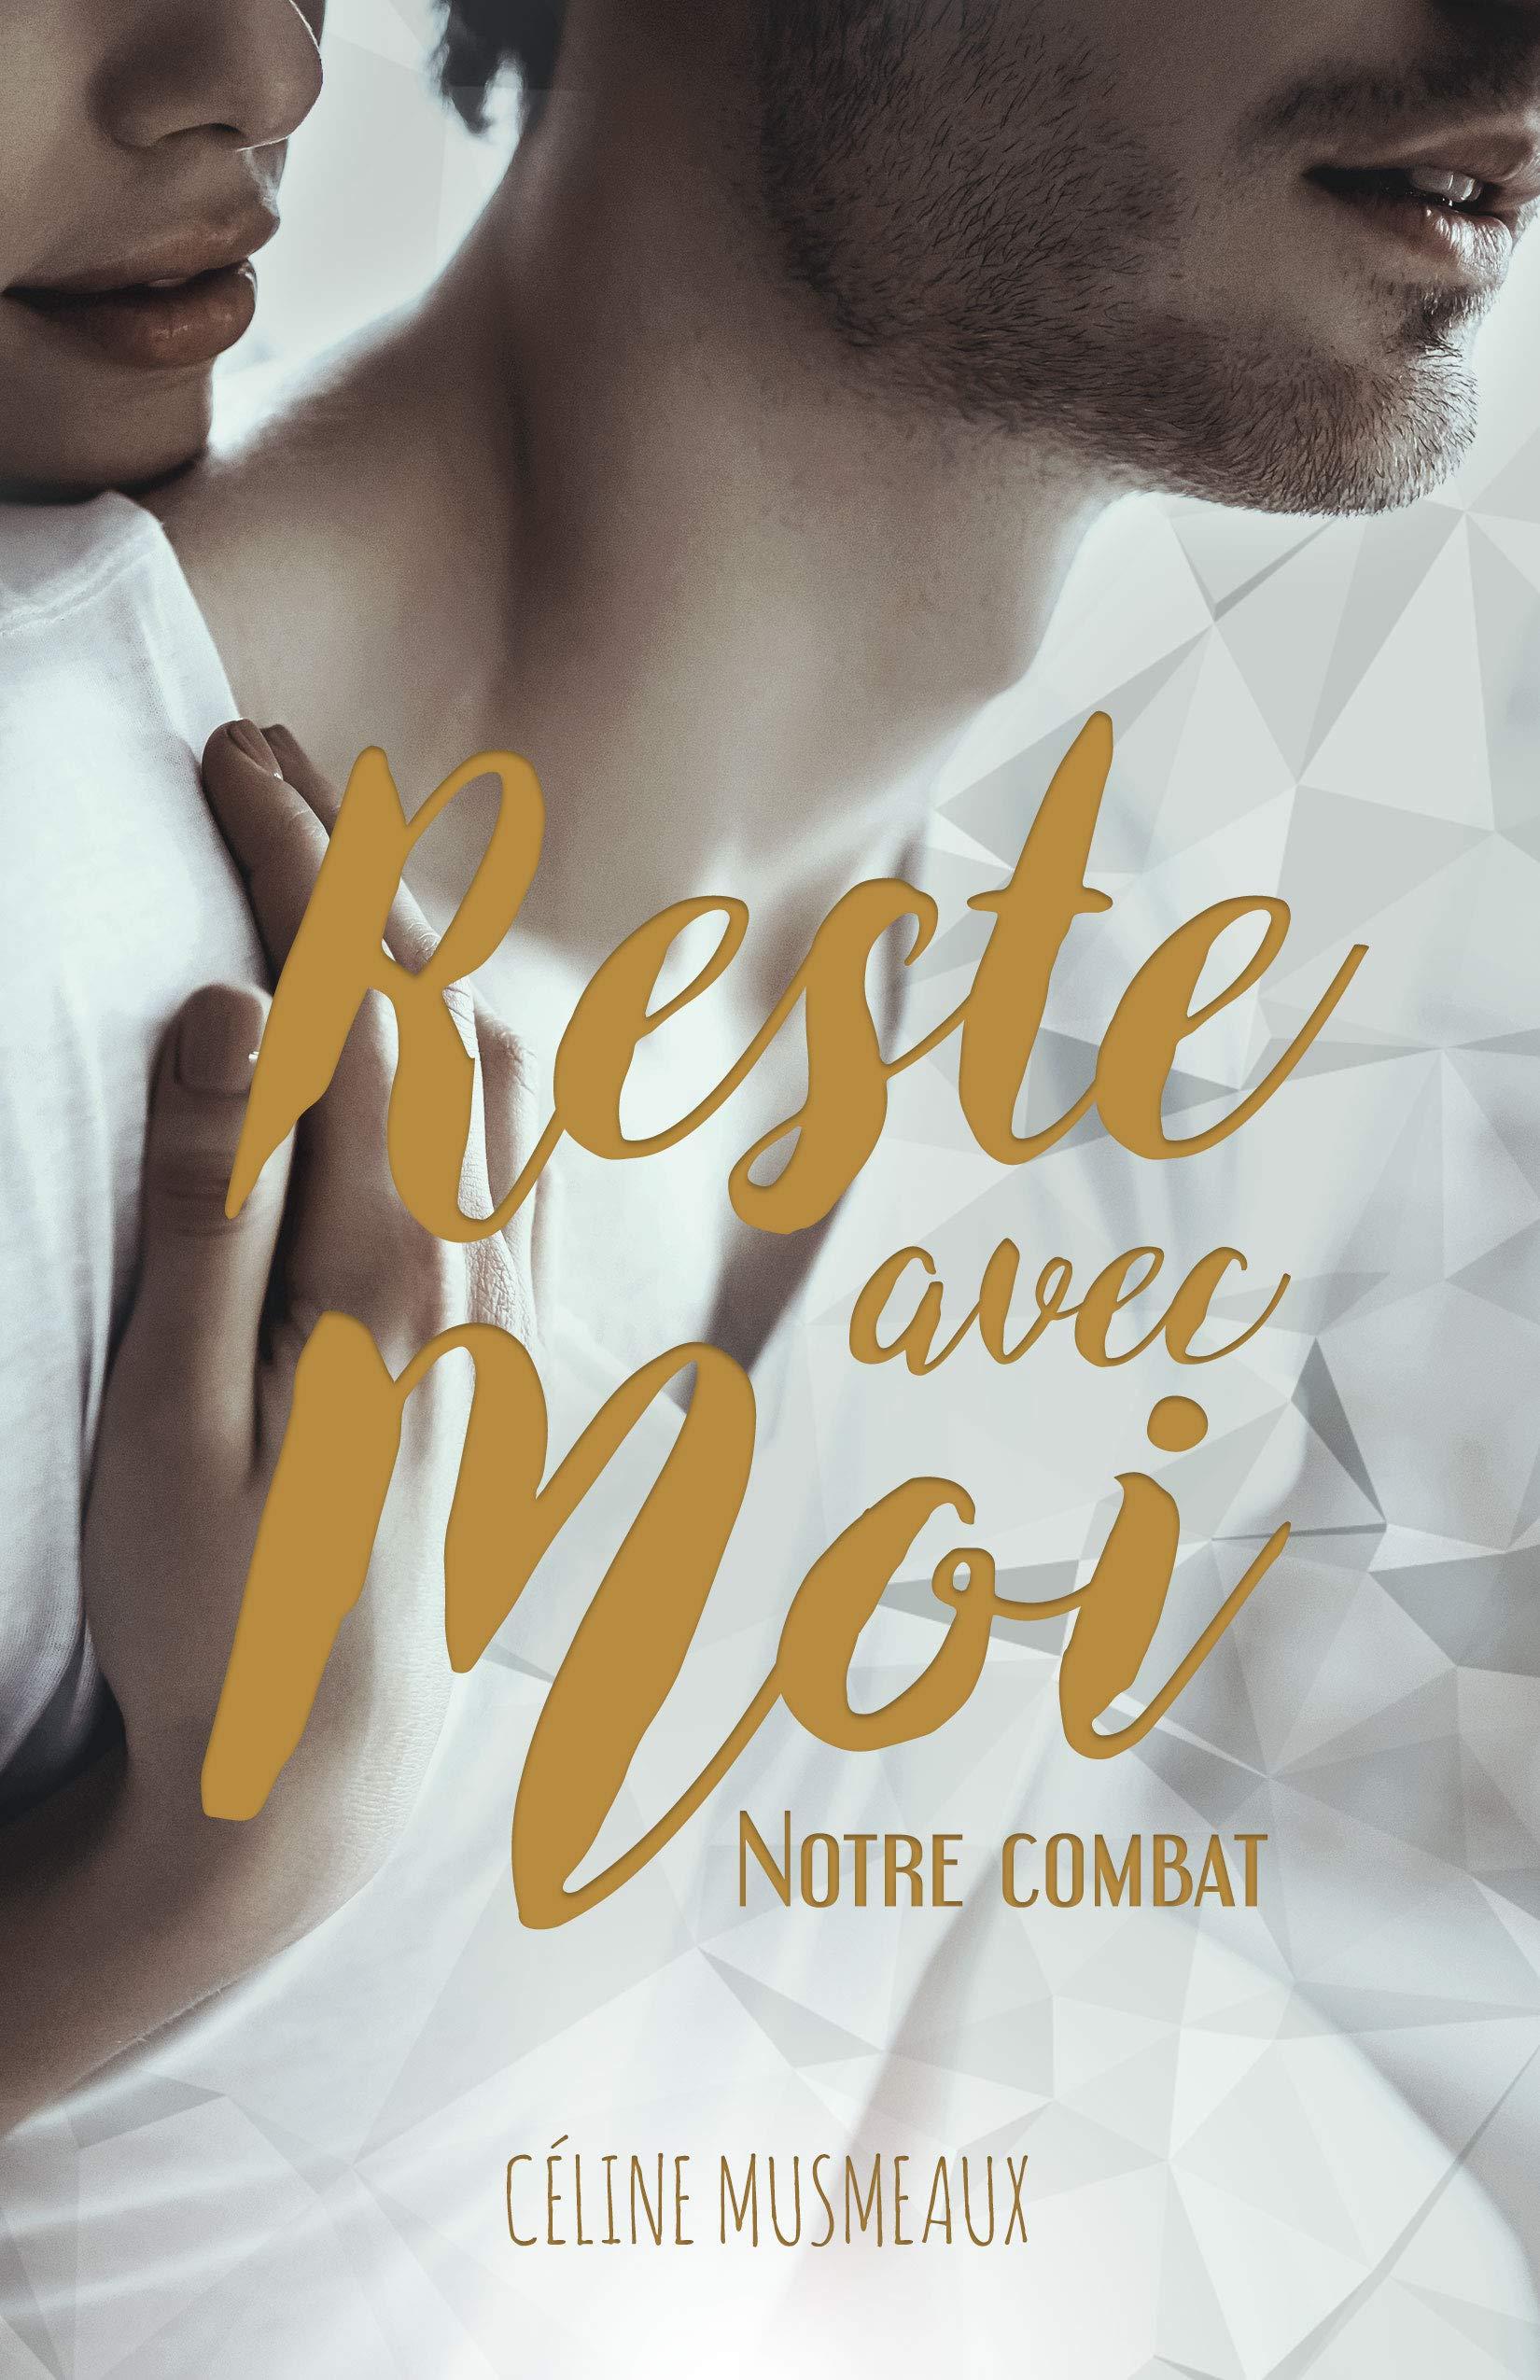 Reste avec moi: Notre combat por Céline Musmeaux